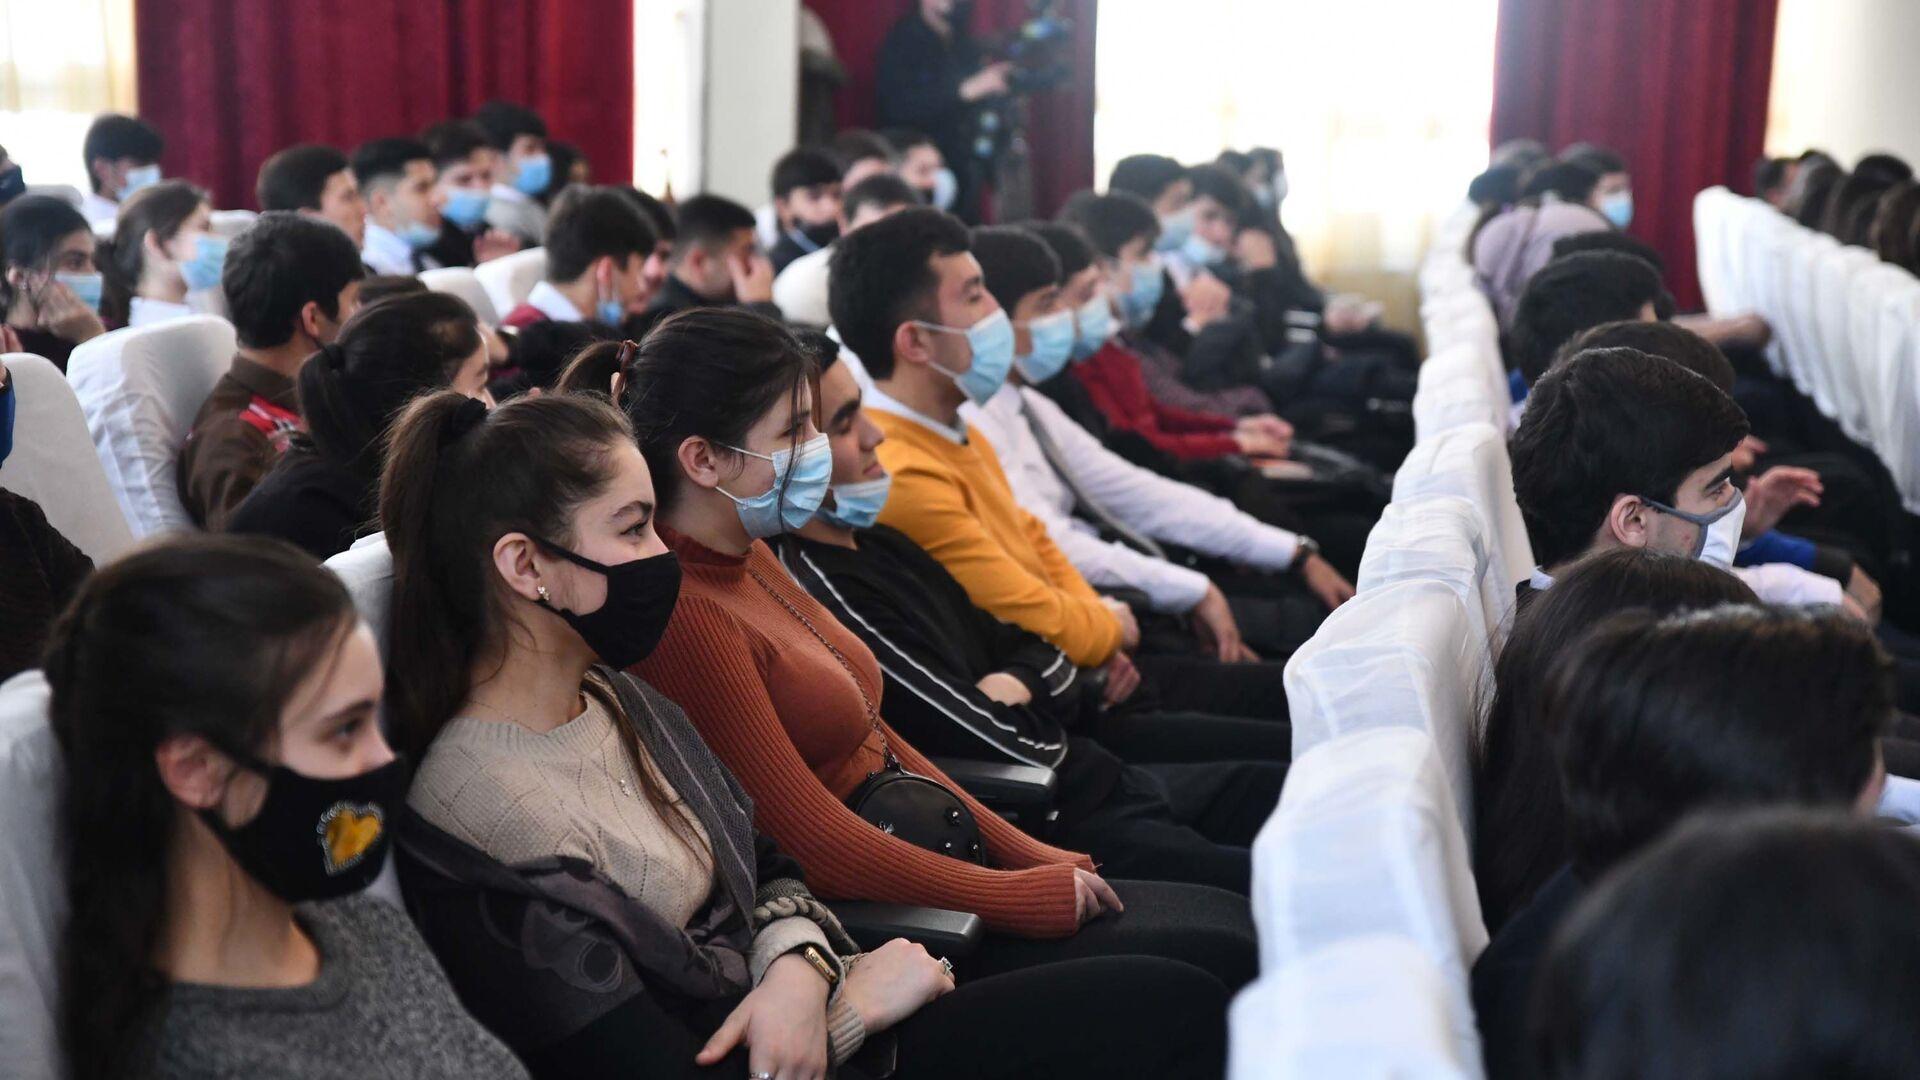 Молодежный медиафорум в честь Дня студента прошел в филиале МГУ в Душанбе - Sputnik Таджикистан, 1920, 20.08.2021